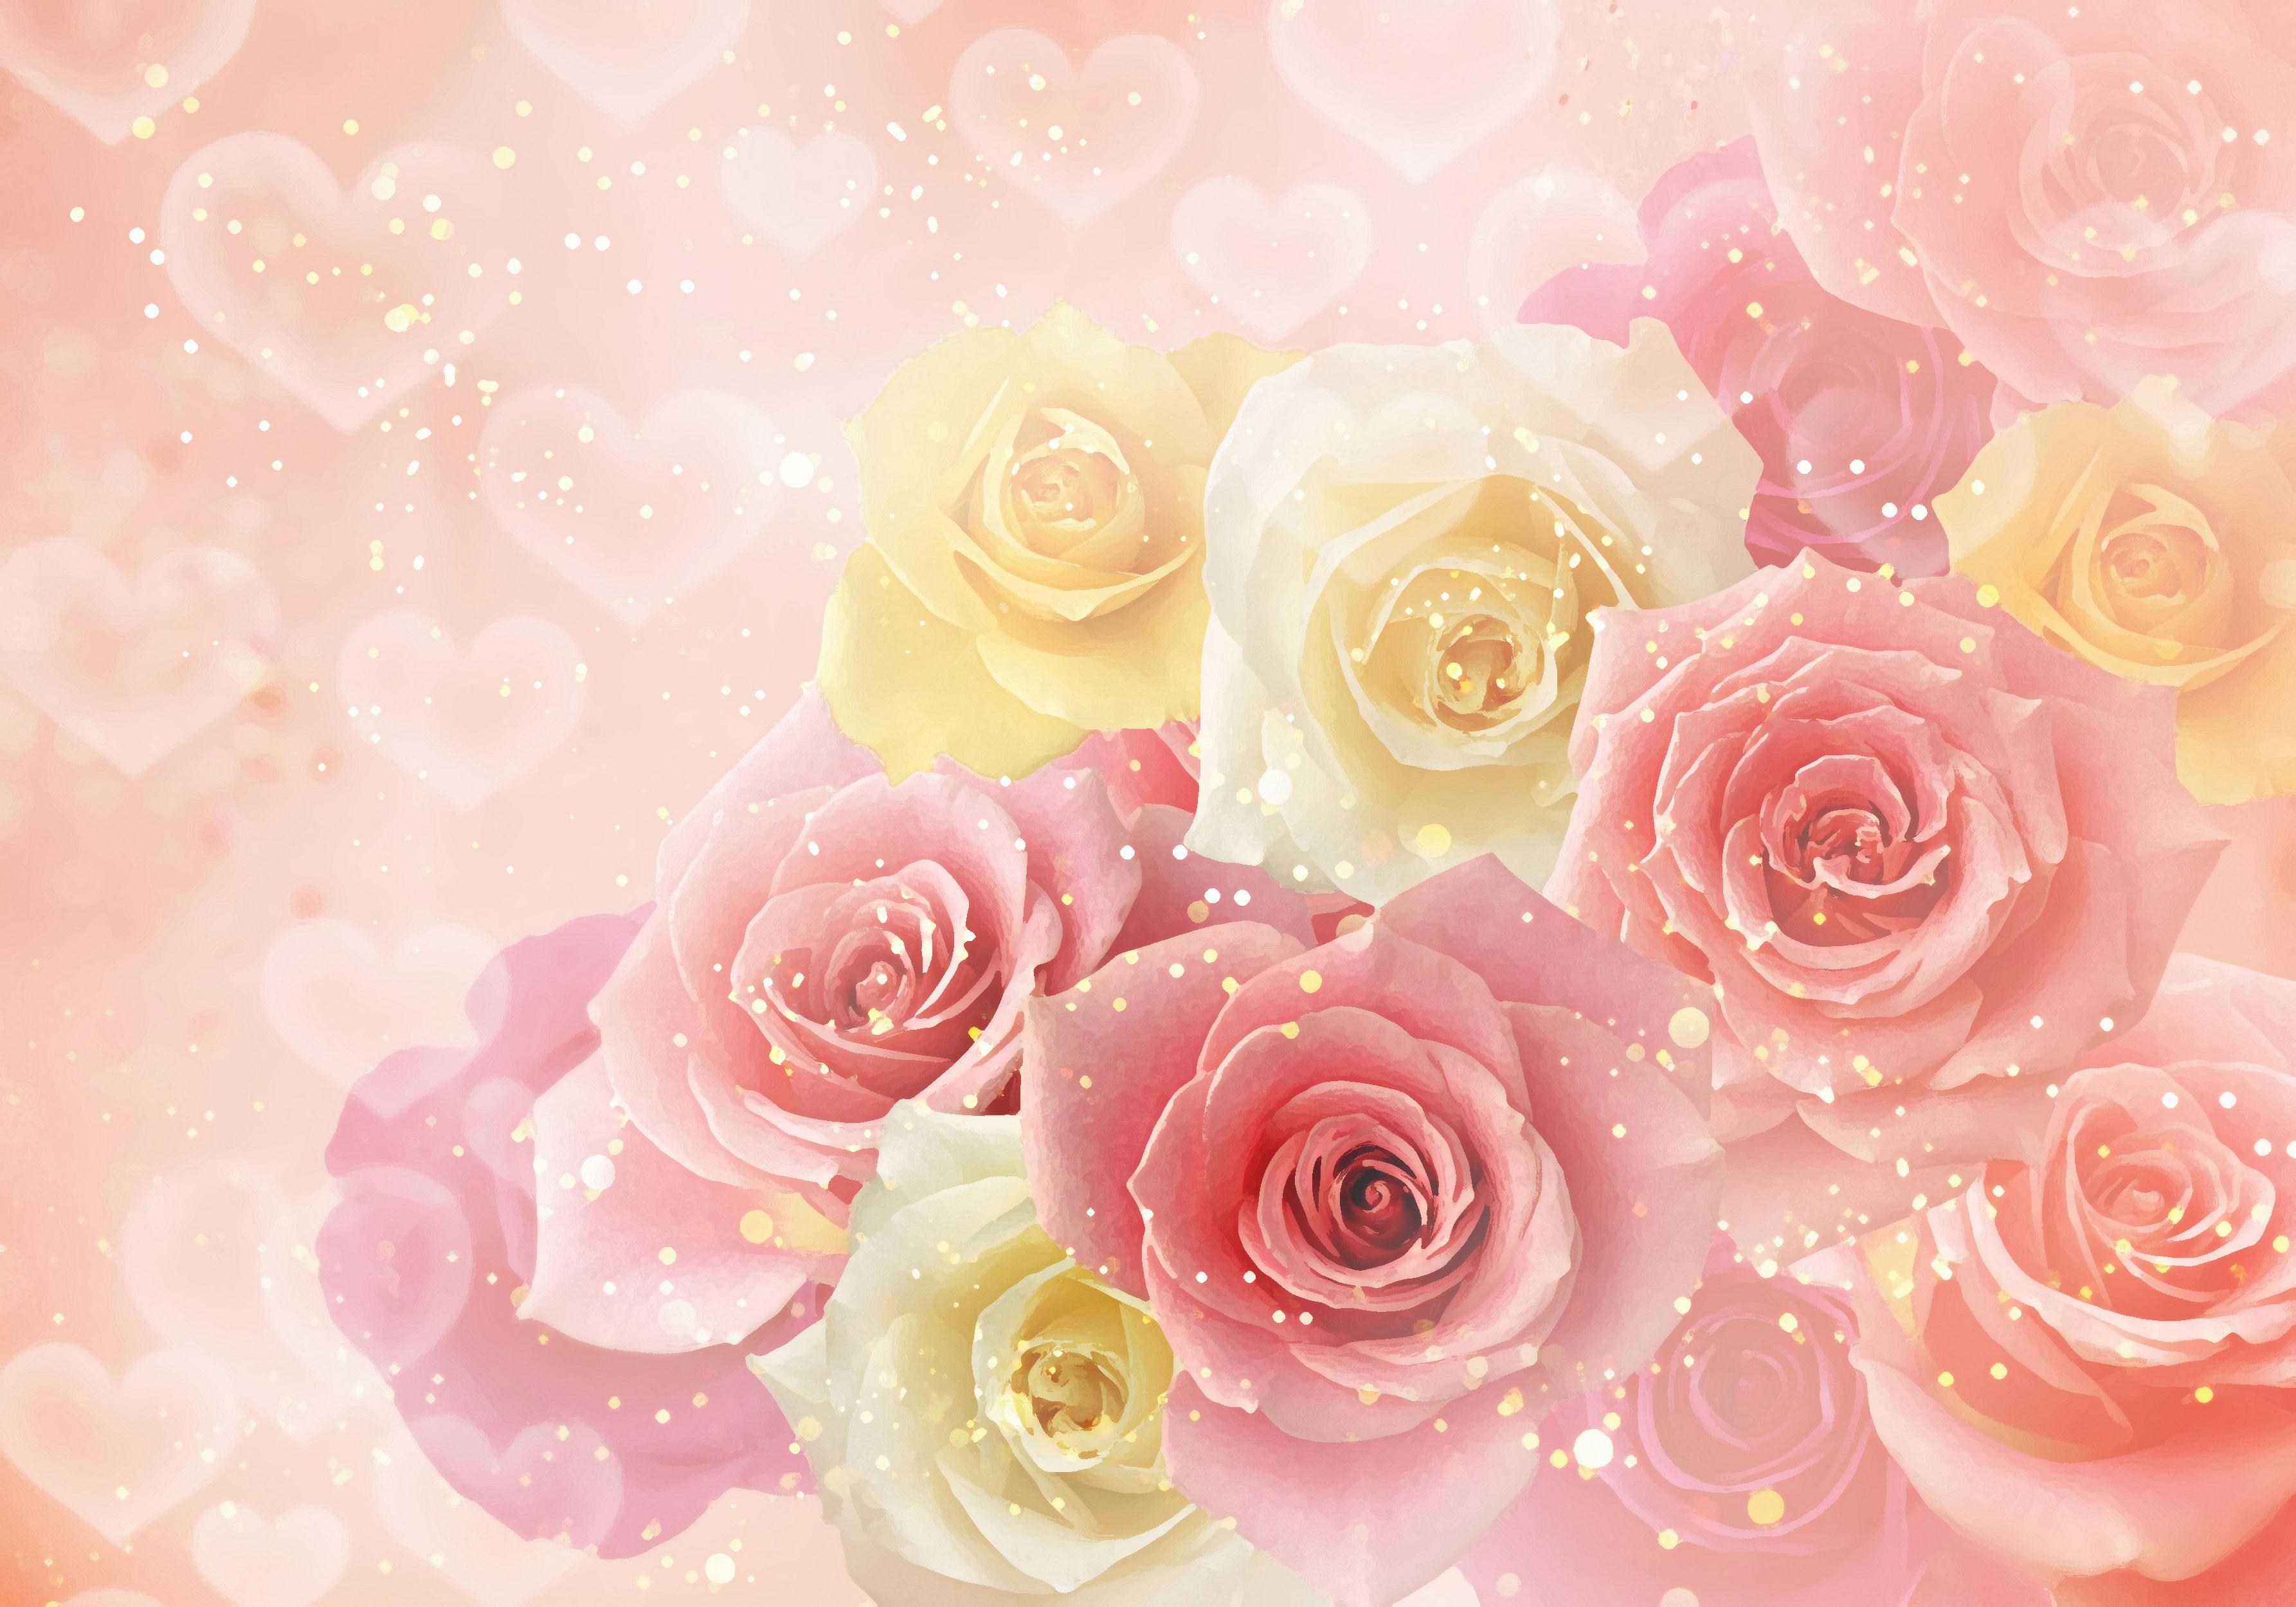 薔薇の壁紙 無料